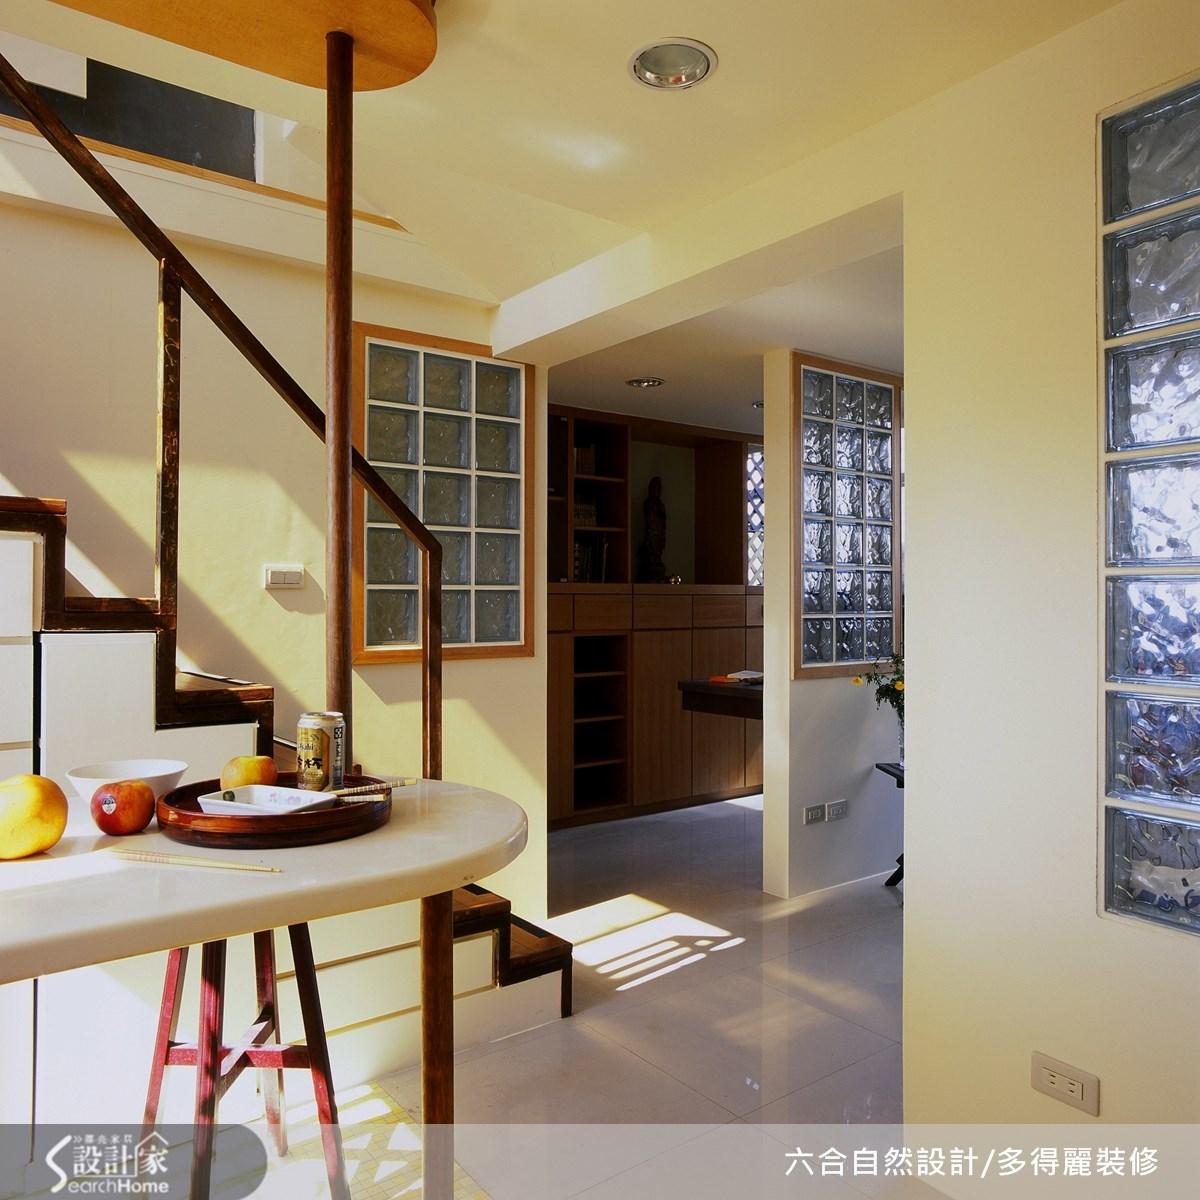 20坪新成屋(5年以下)_療癒風案例圖片_六合自然設計_六合自然_06之4